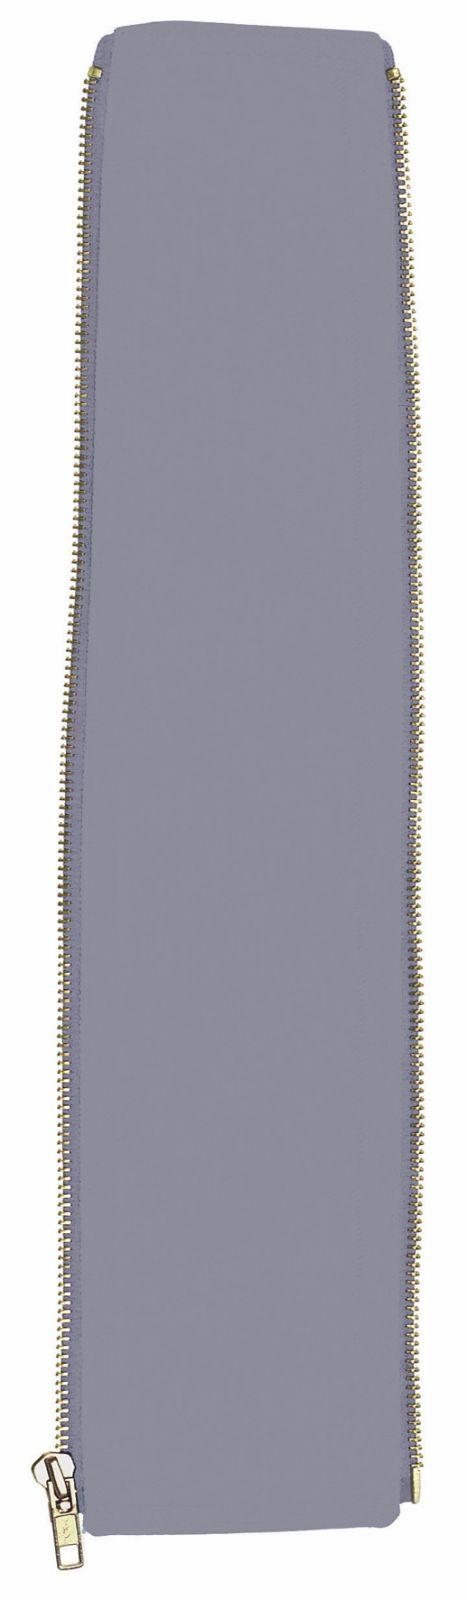 Blaklader Inzetstukken 21291860 Maatverbreder grijs(9400)